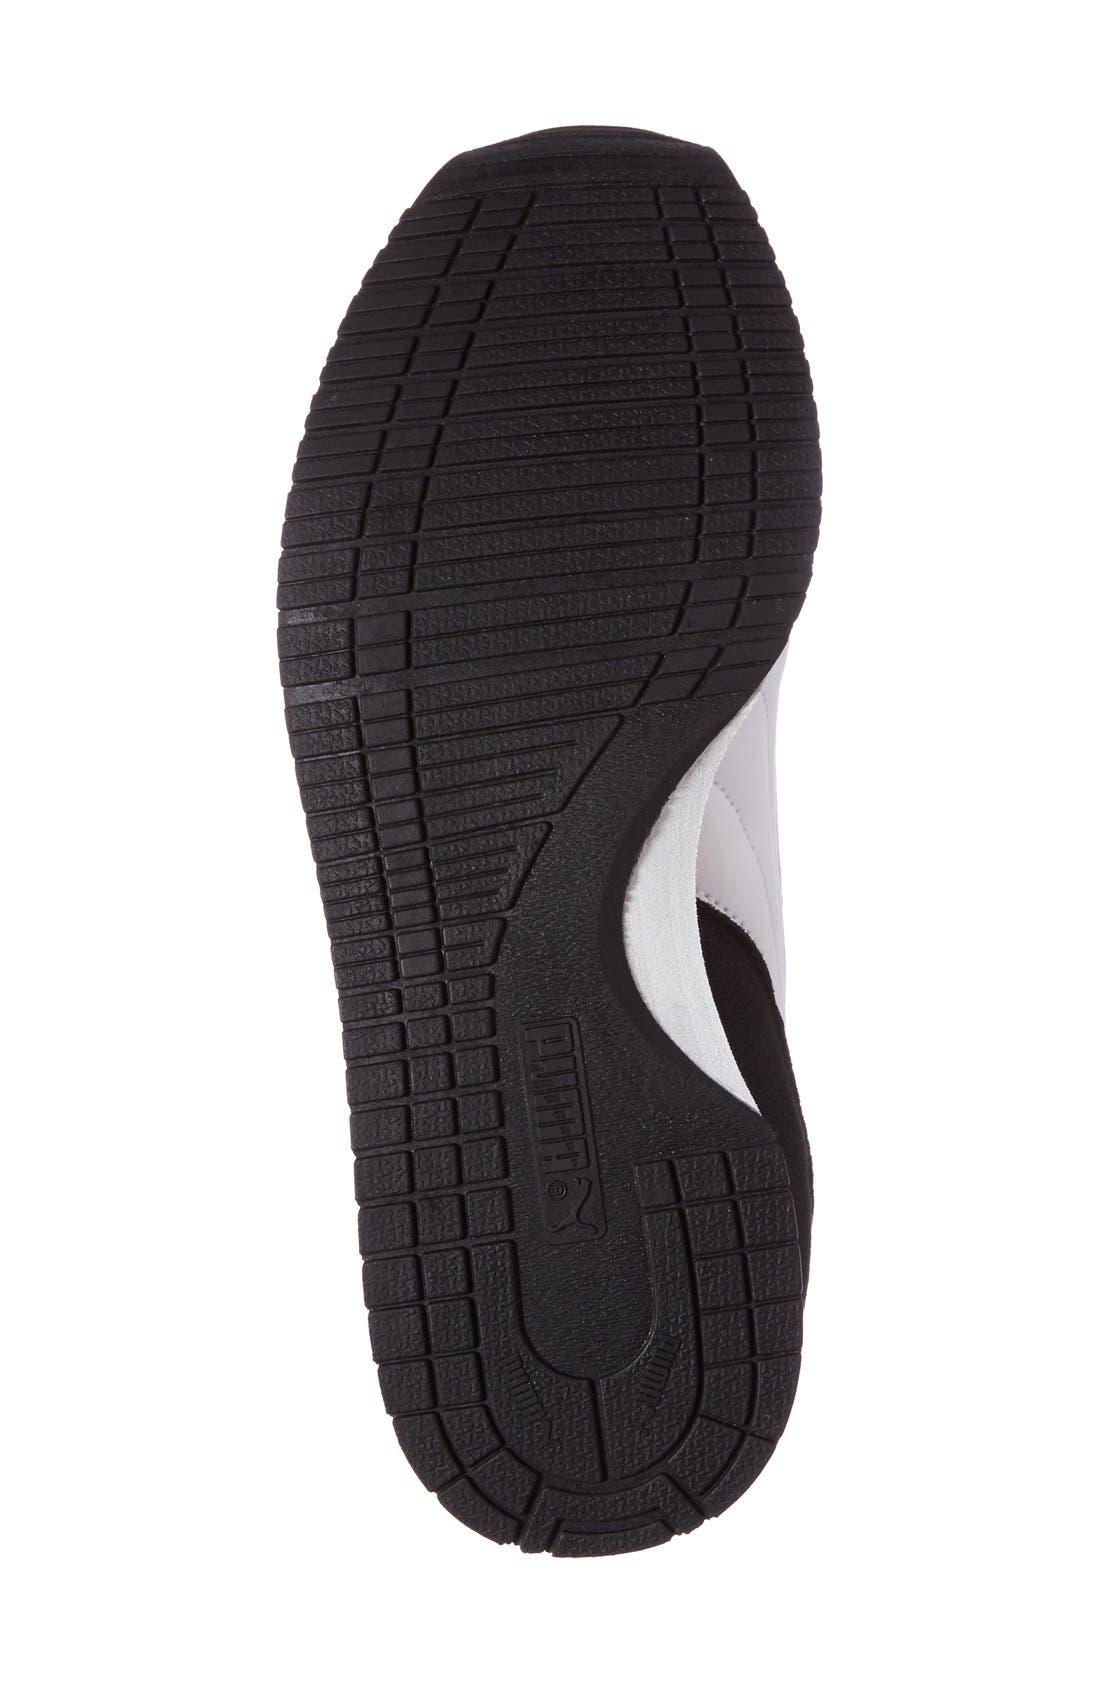 Cabana Racer Sneaker,                             Alternate thumbnail 7, color,                             001